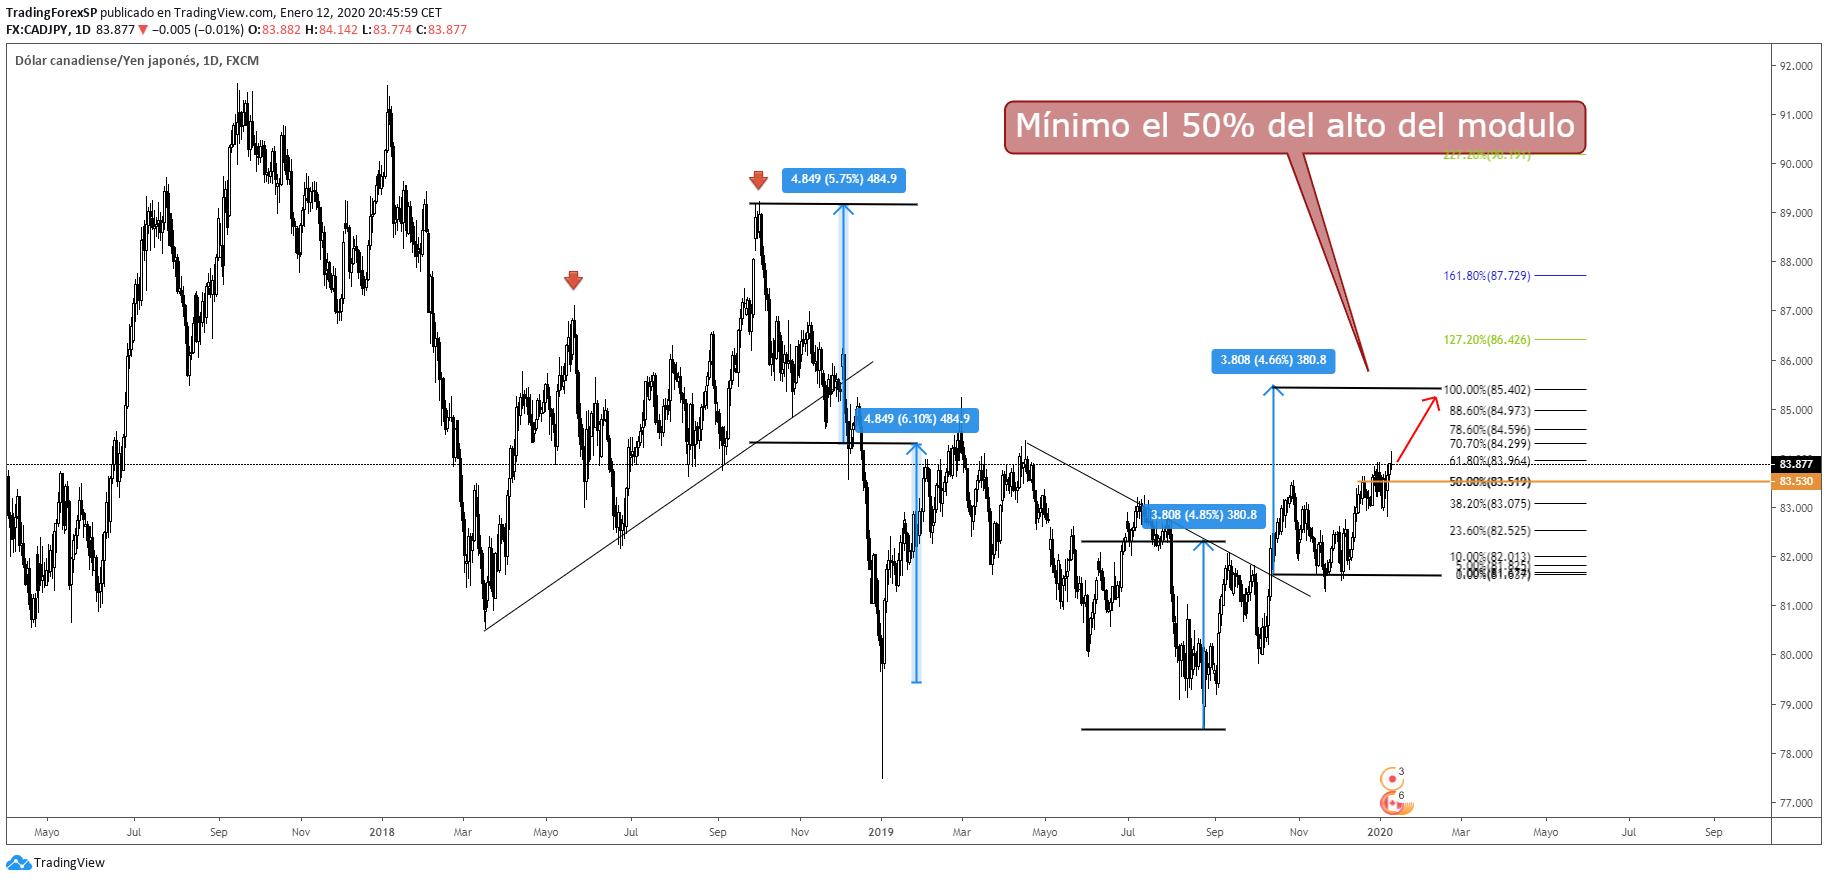 Ruptura de tendencia y modulo